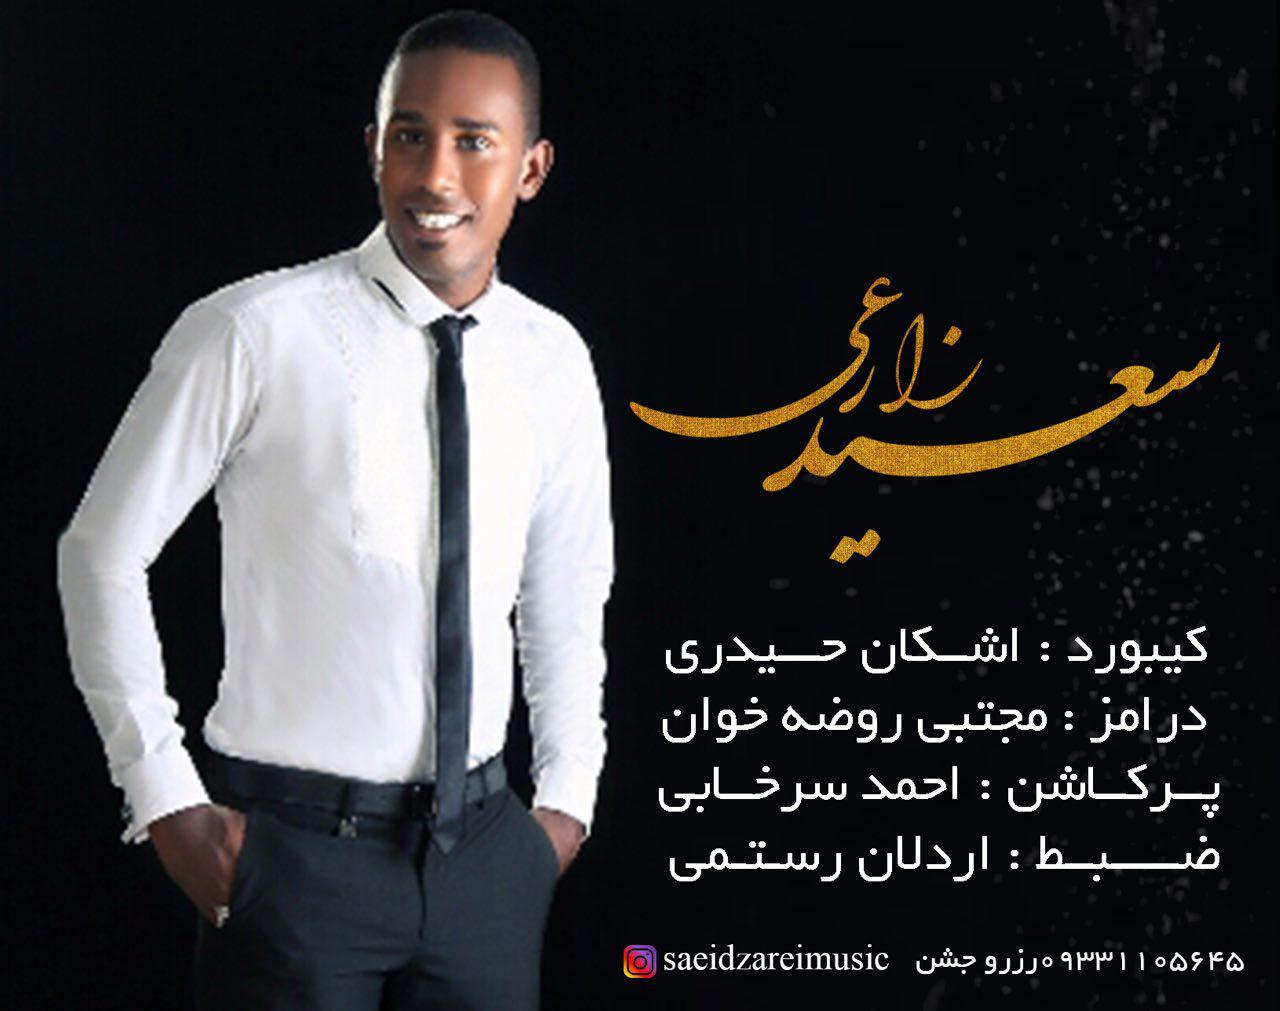 سعید زارعی آهنگ جدید اجرای زنده و بسیار زیبا و شنیدنی بصورت حفله